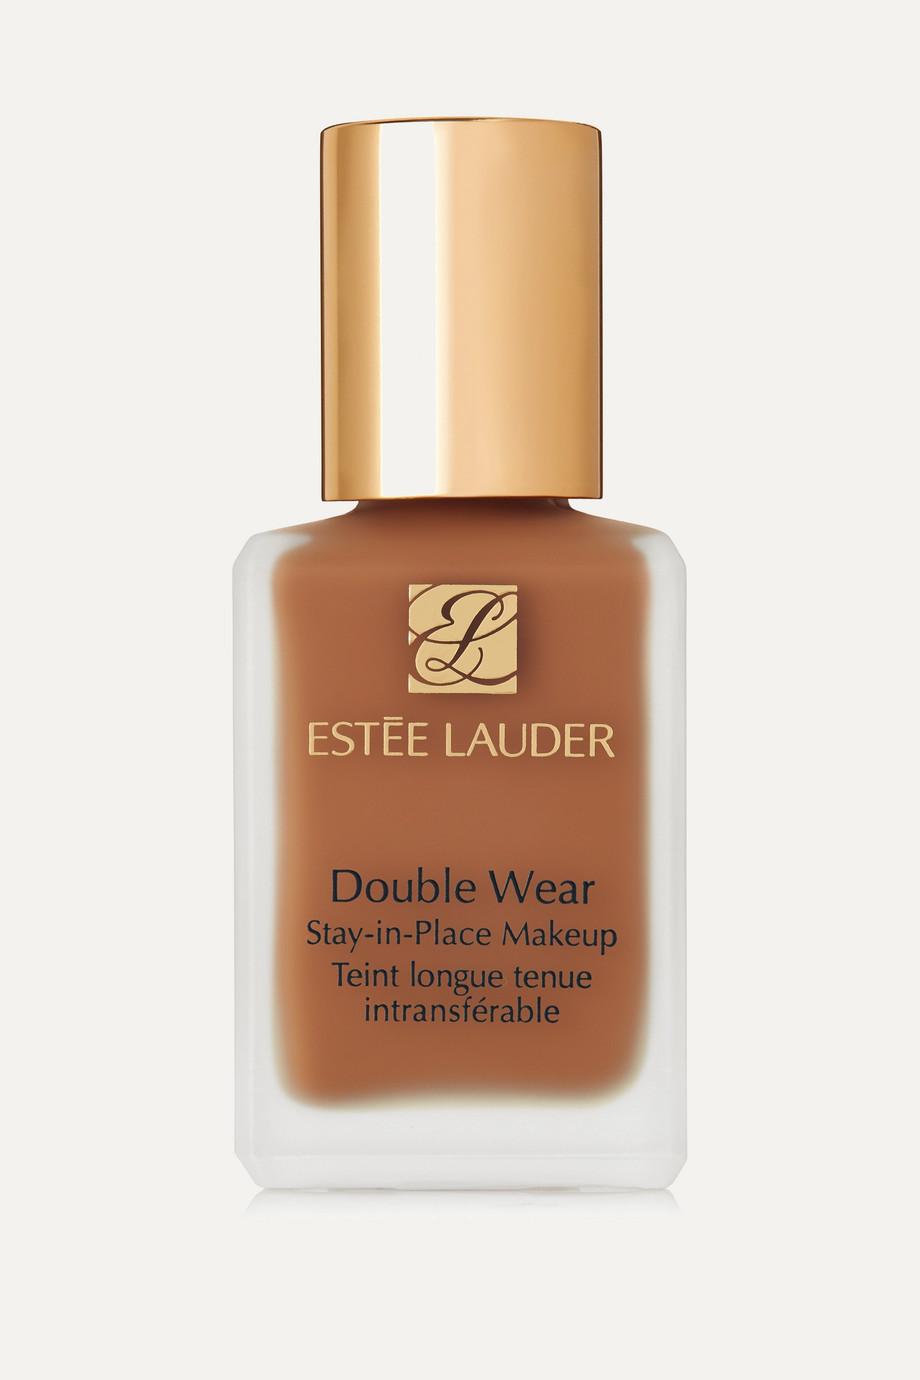 Estée Lauder Double Wear Stay-in-Place Makeup - Sandbar 3C3